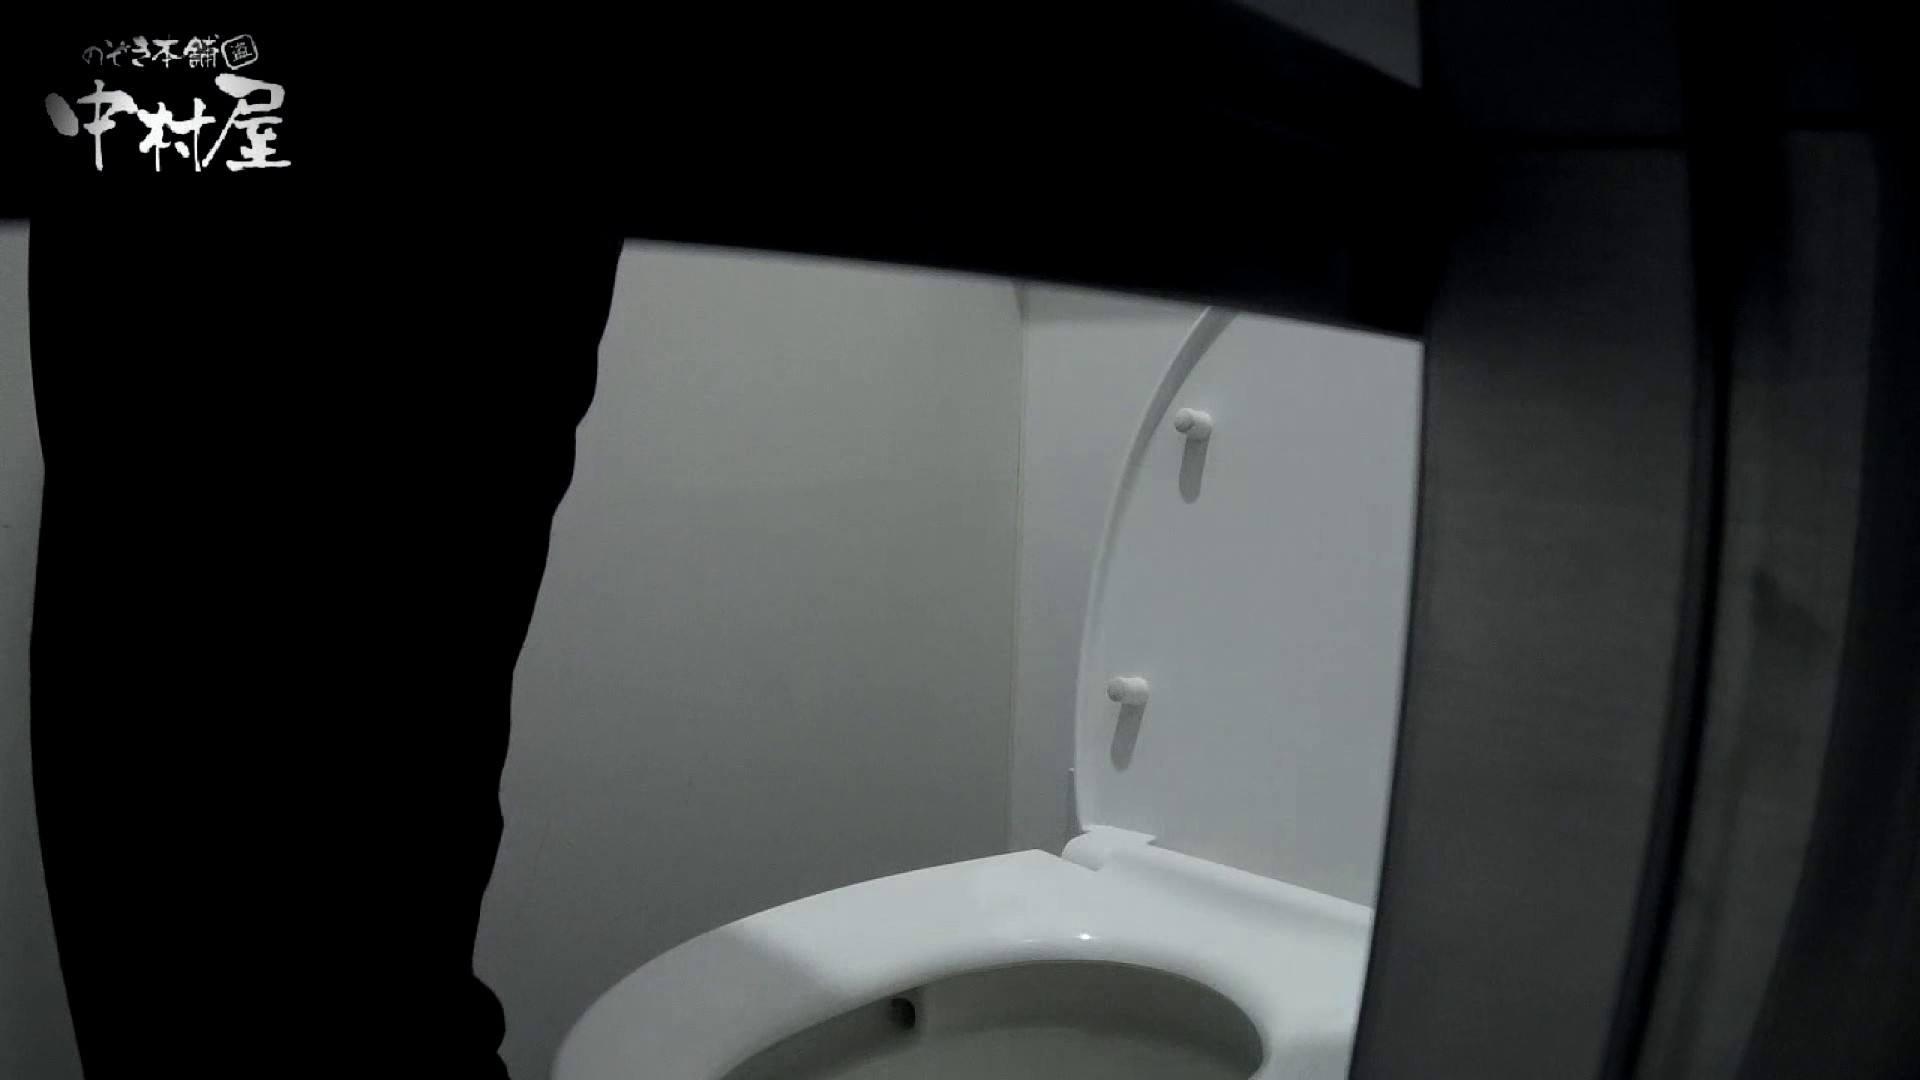 【某有名大学女性洗面所】有名大学女性洗面所 vol.40 ??おまじない的な動きをする子がいます。 潜入突撃 おまんこ無修正動画無料 91pic 47